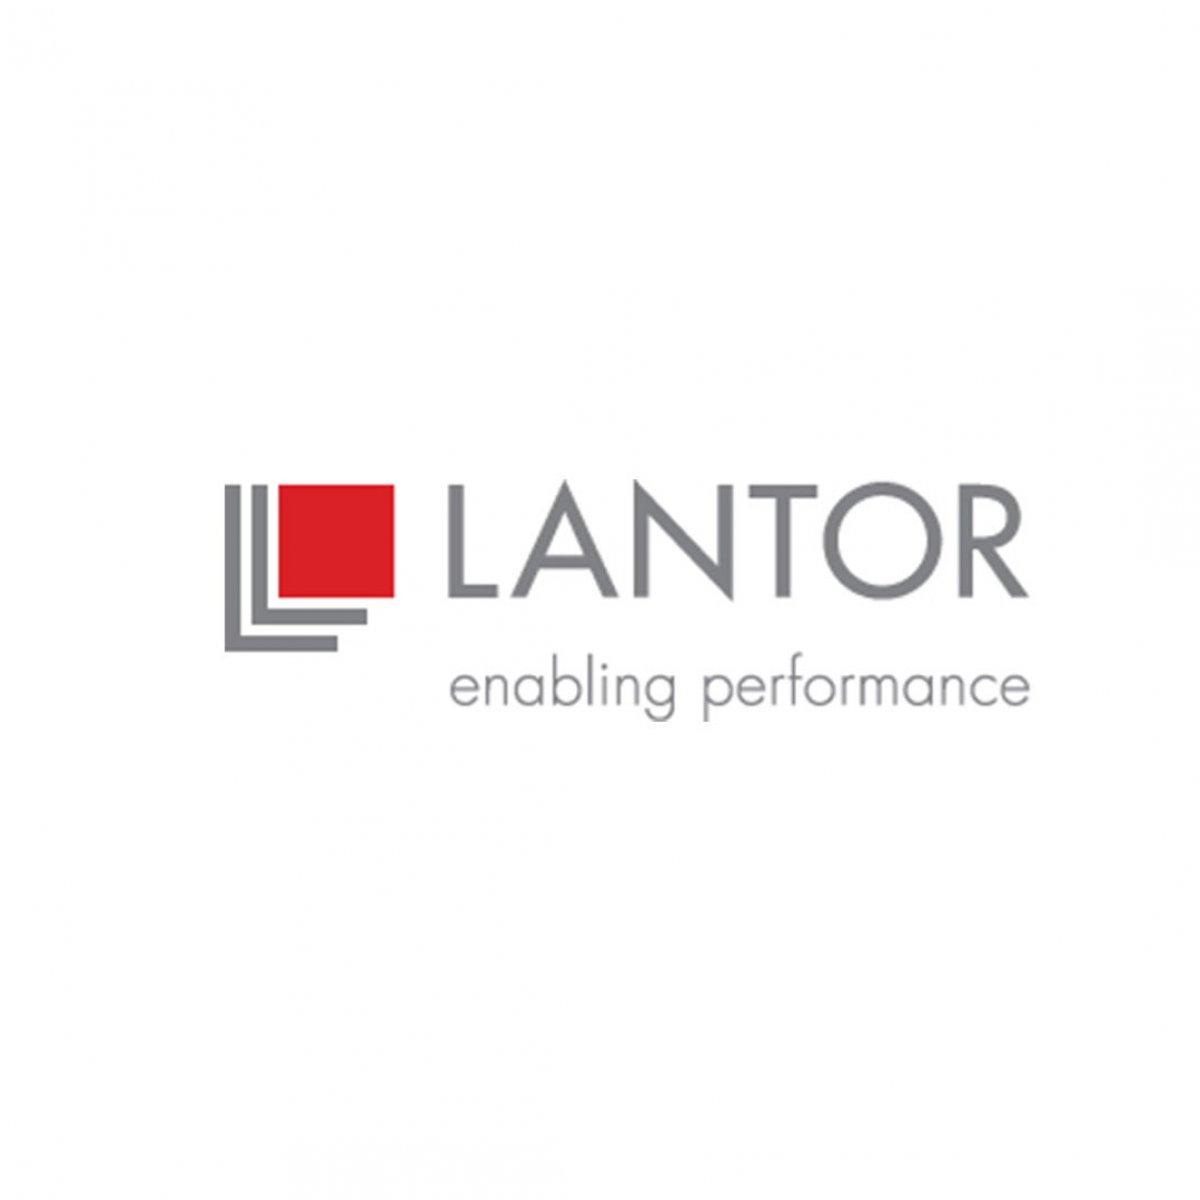 lantor.com